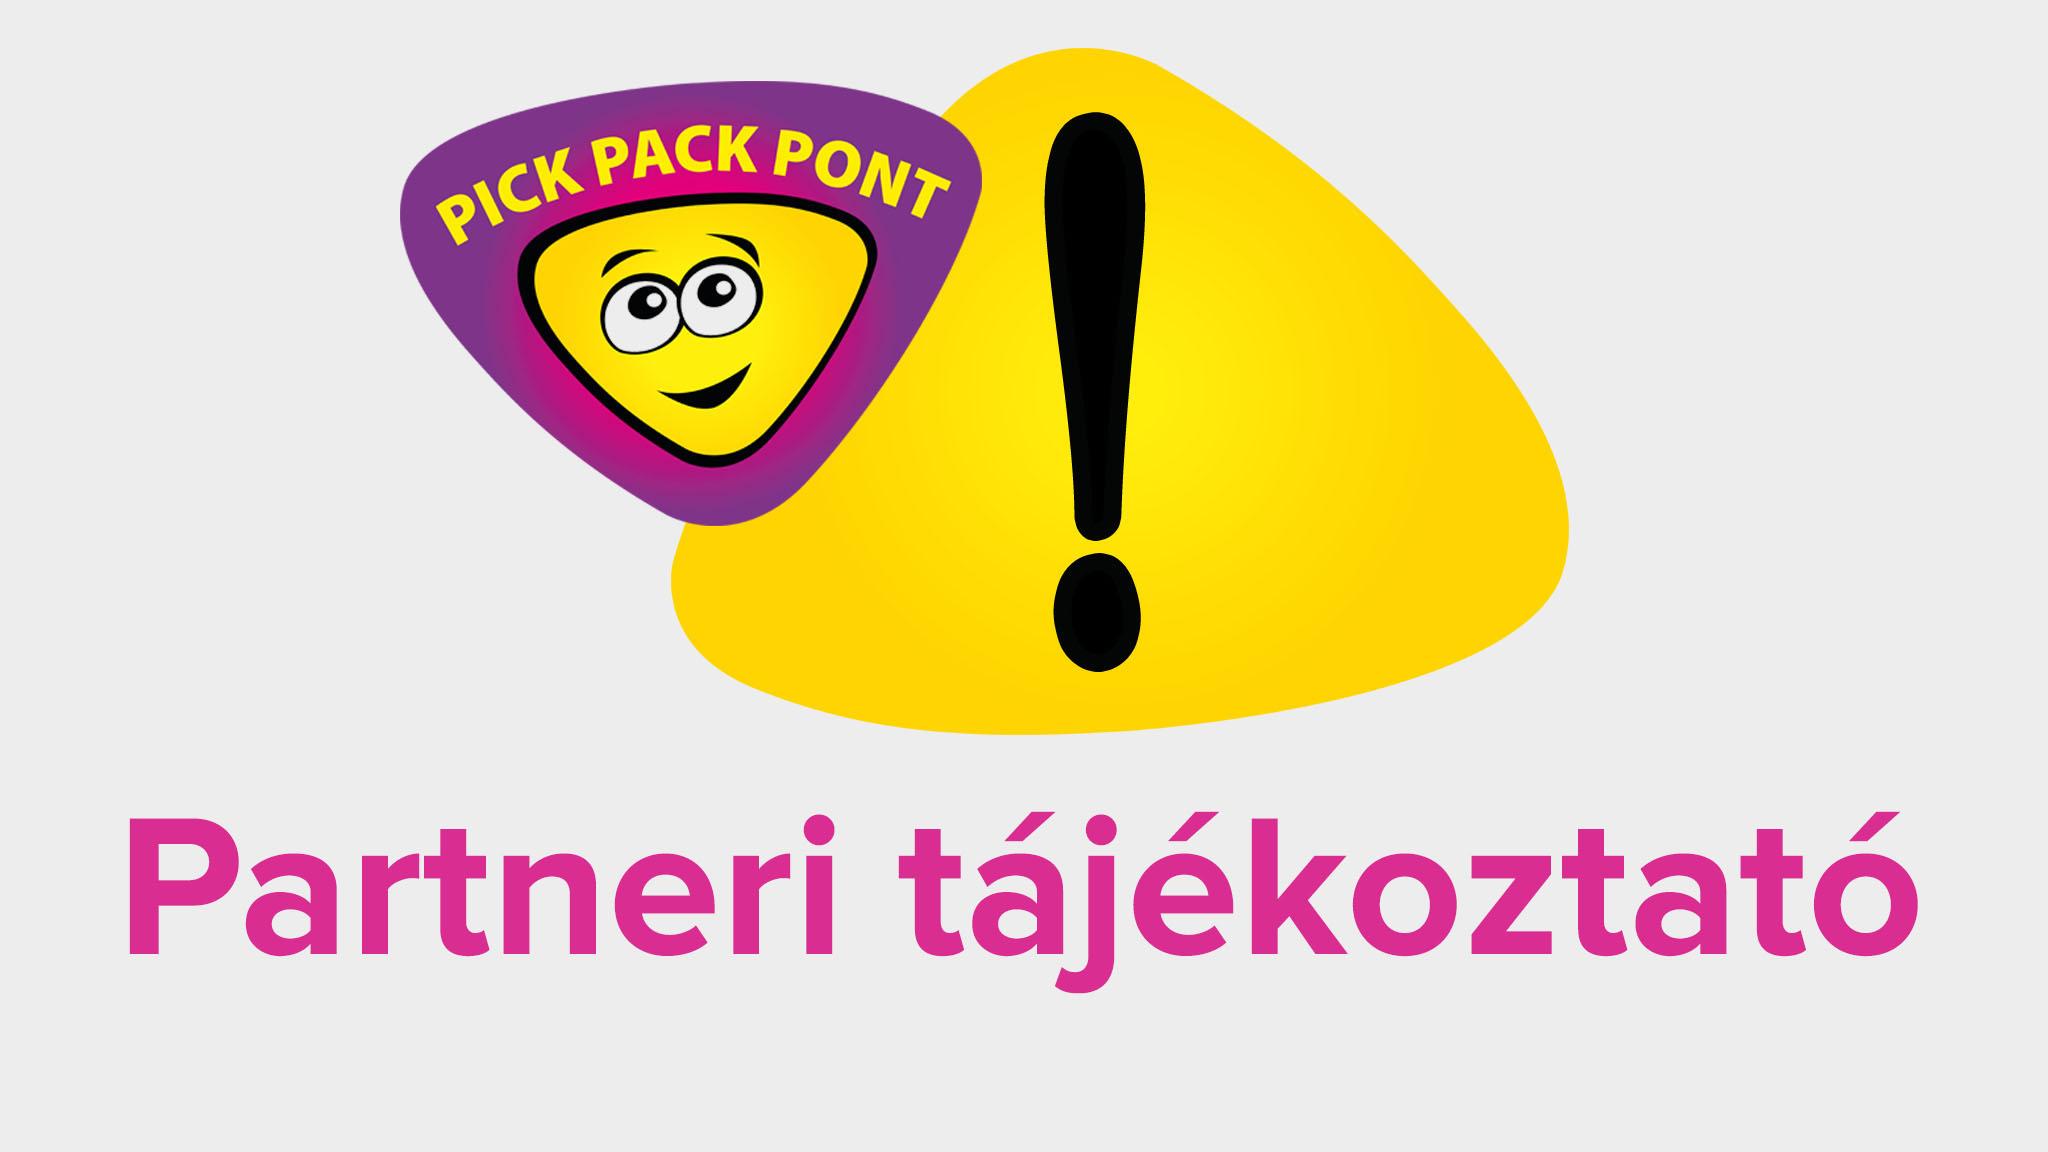 ppp_cikk_part_taj